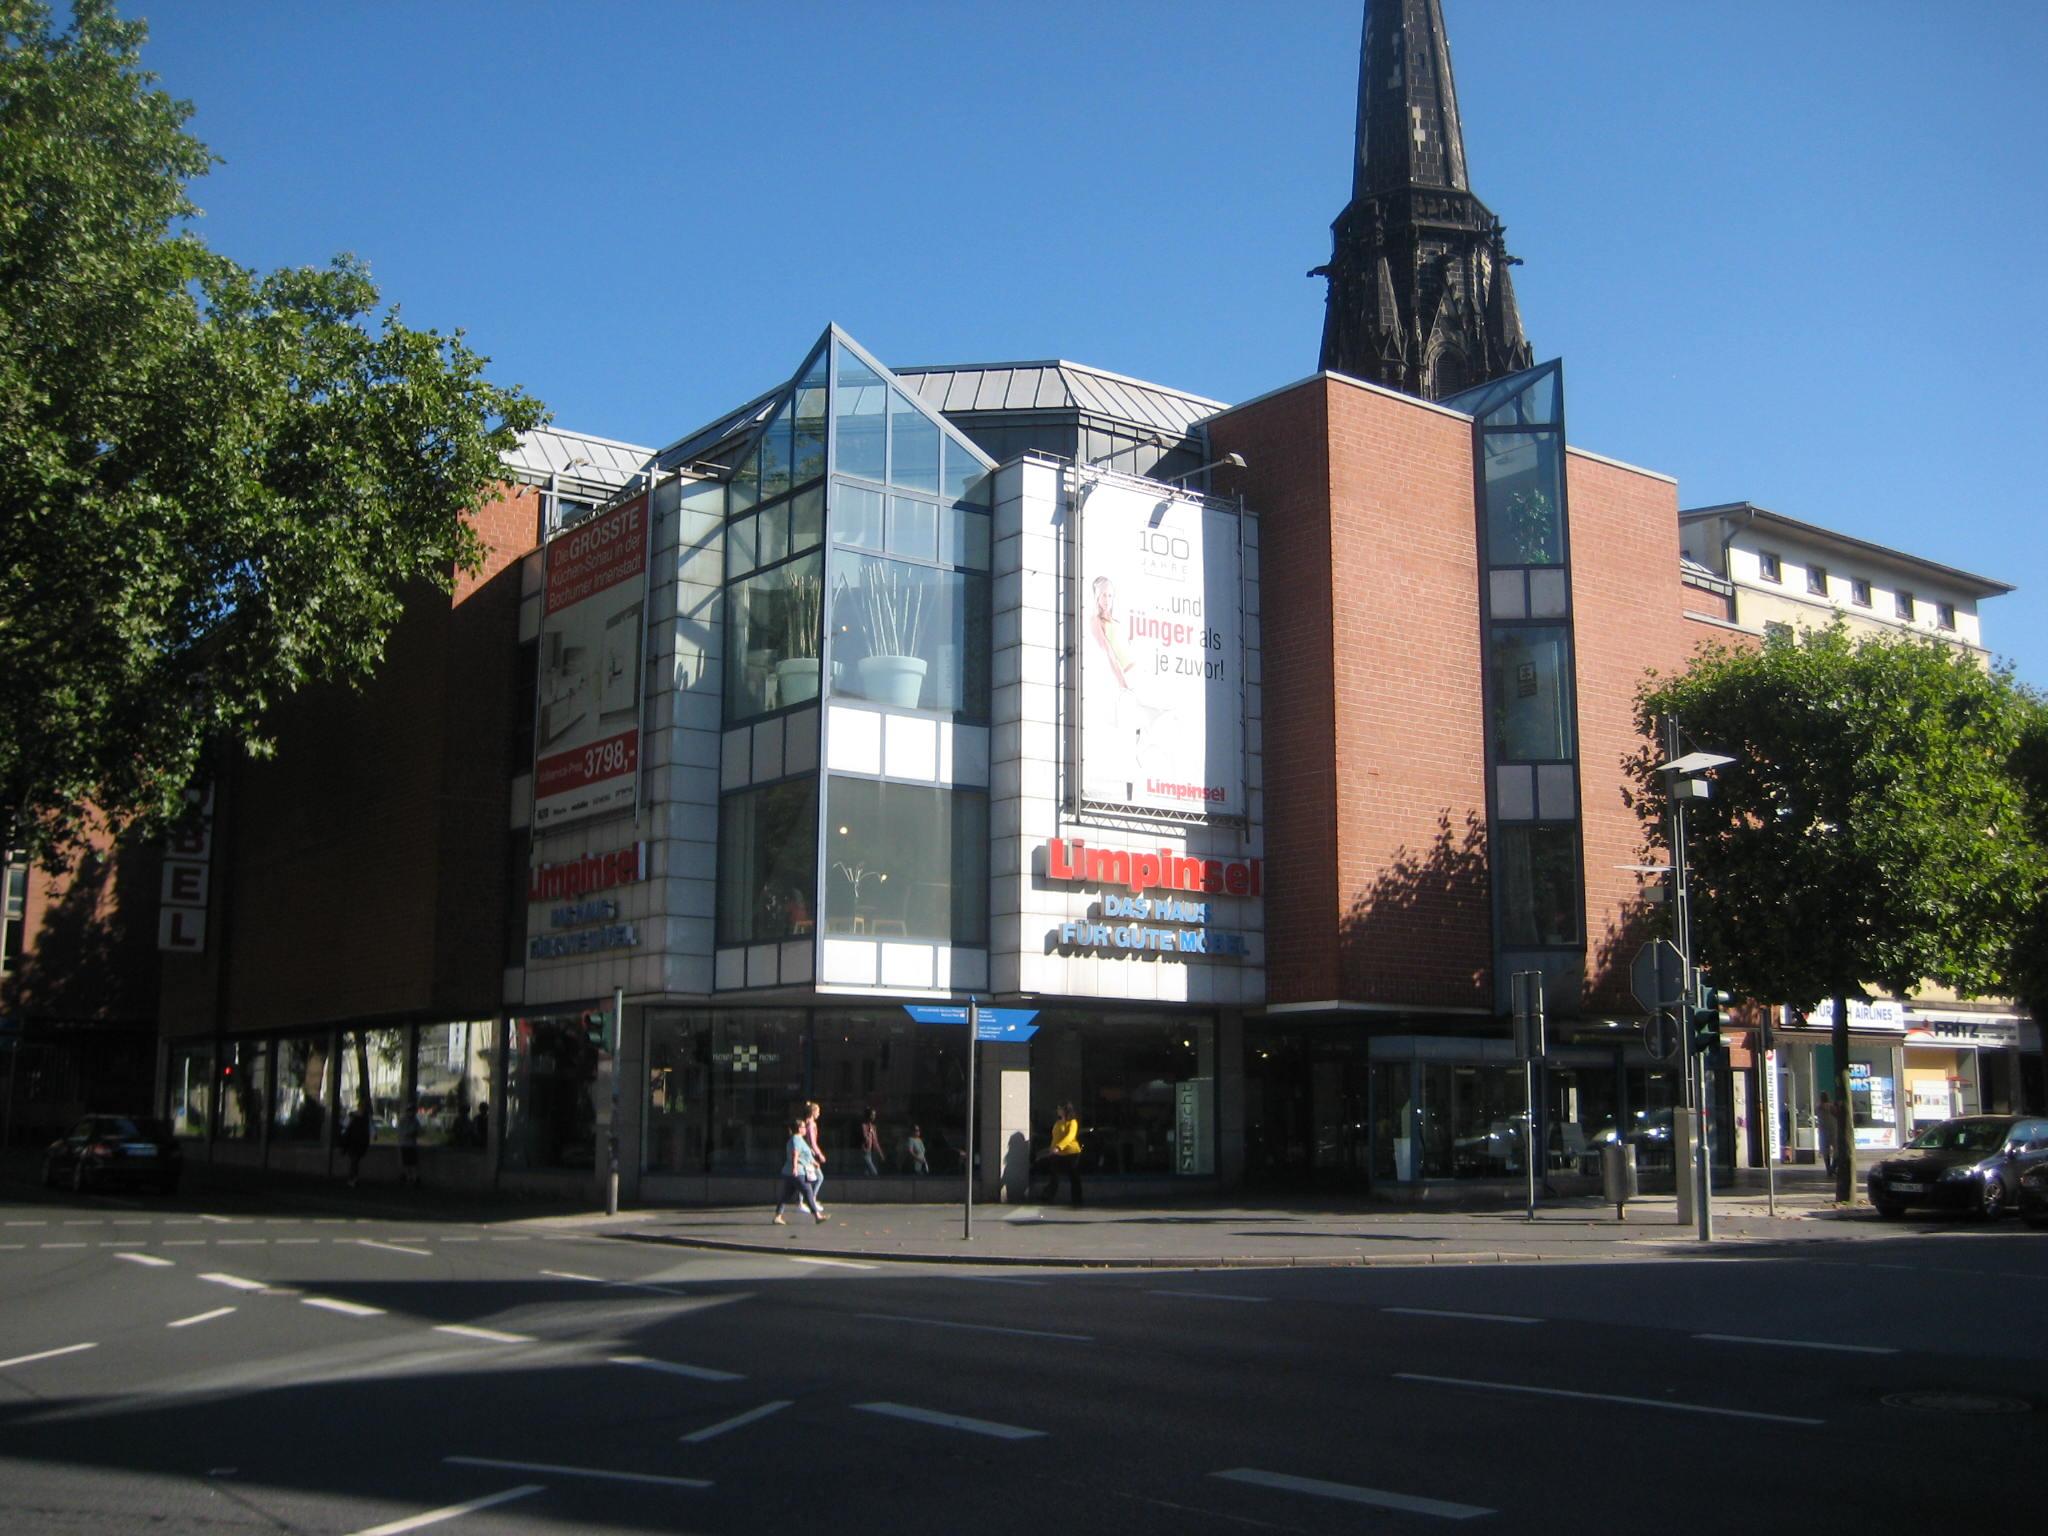 Möbel Limpinsel, Bochum - Wittig Immobilienvermittlung